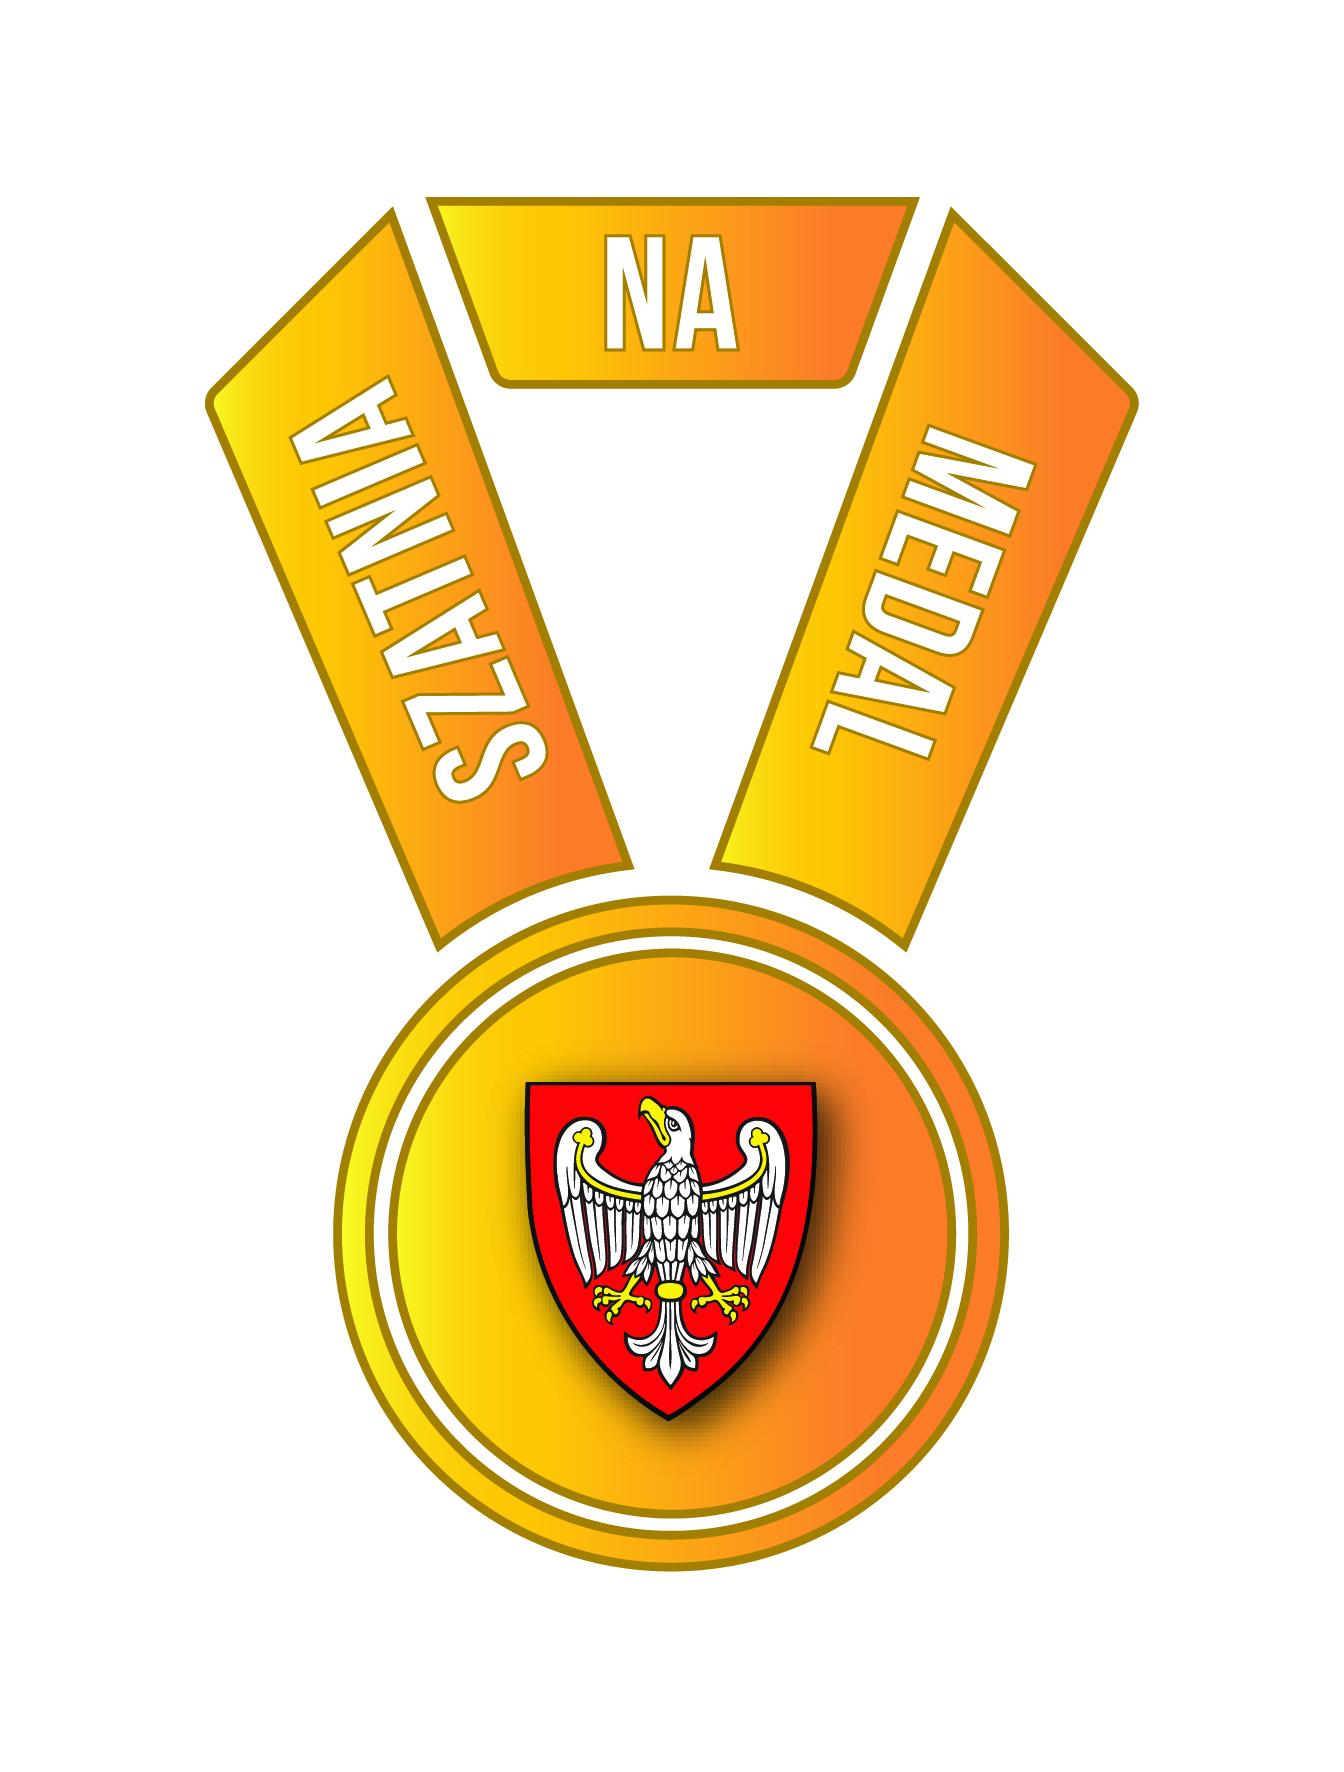 szatnia na medal